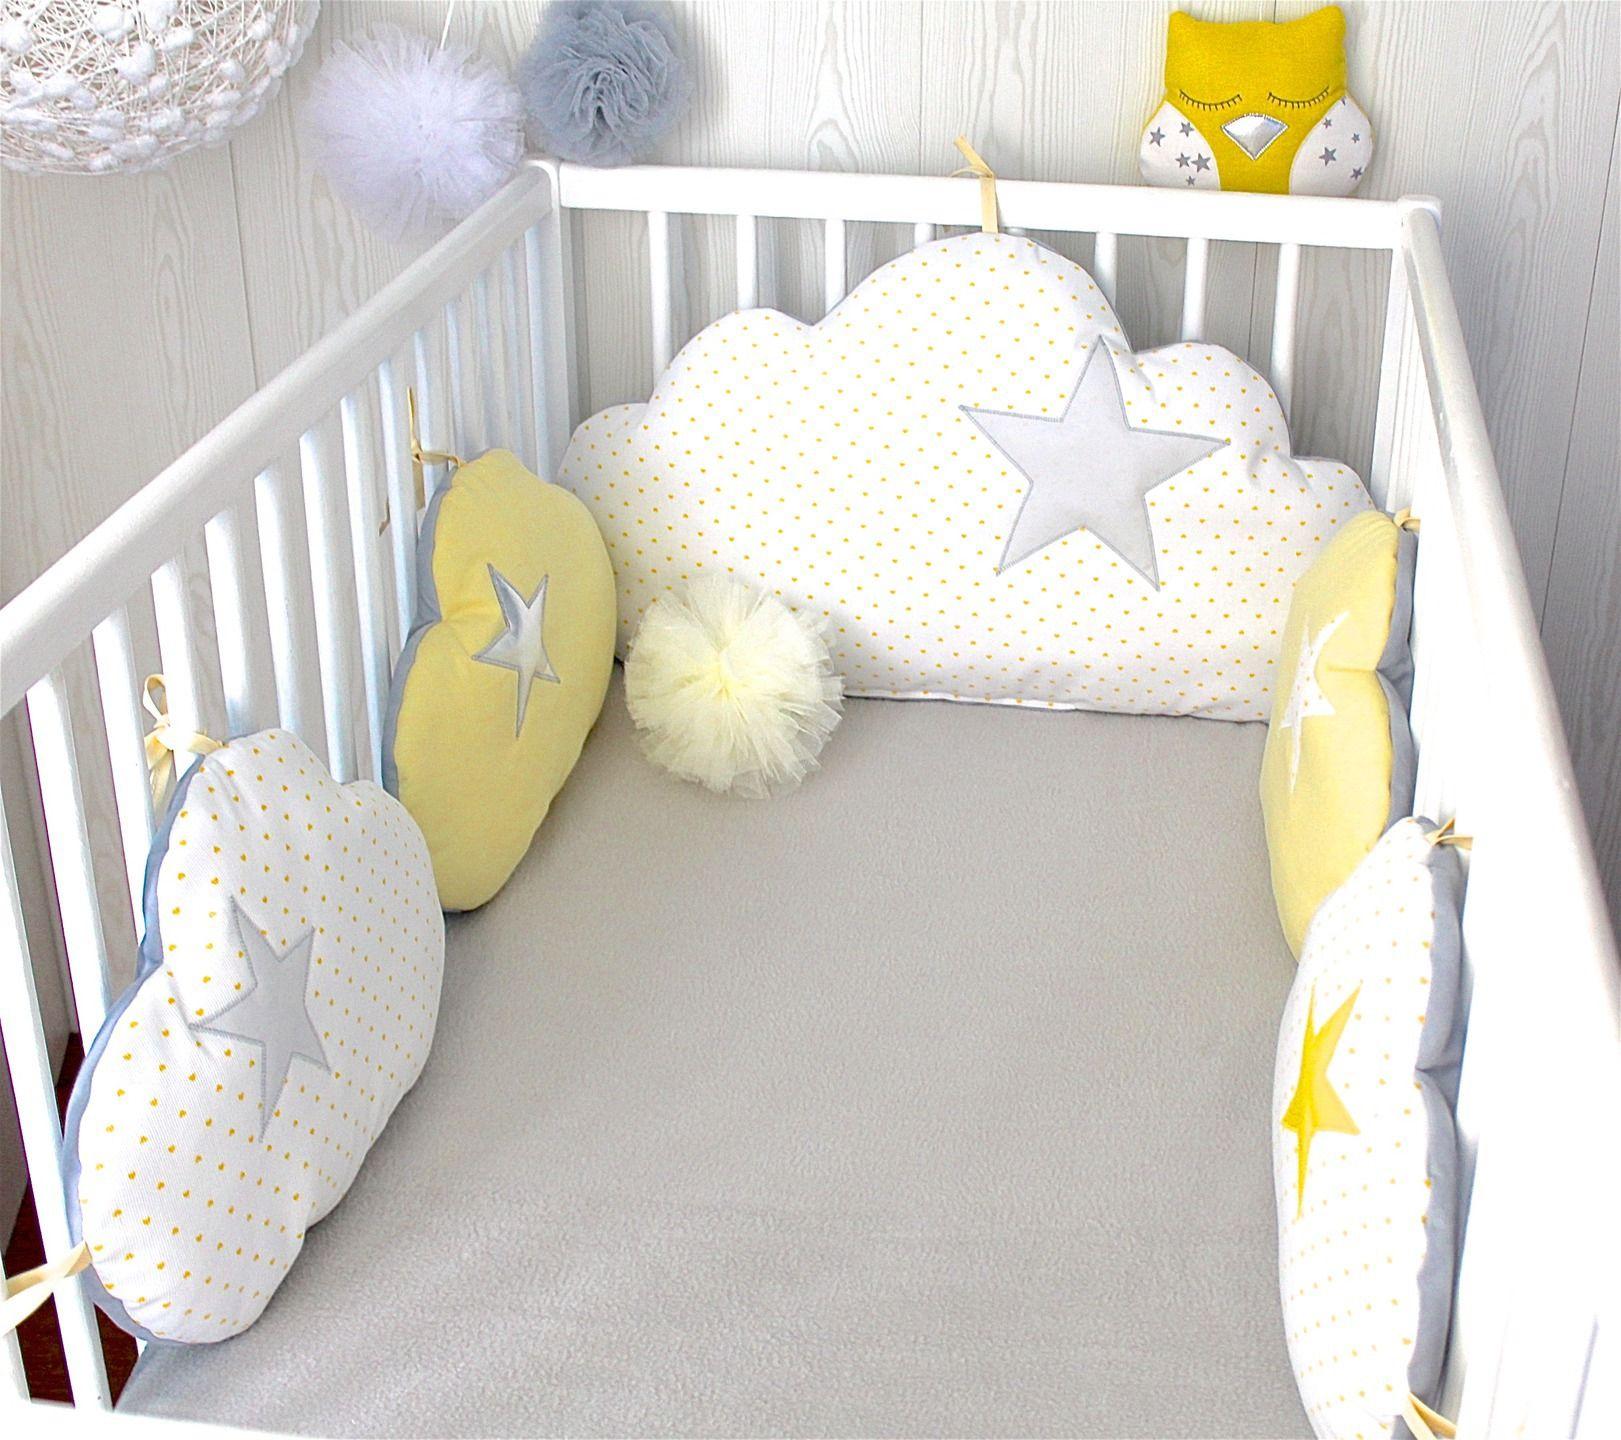 Tour de lit bébé, nuages, fille ou garçon, 5 coussins ton gris ...